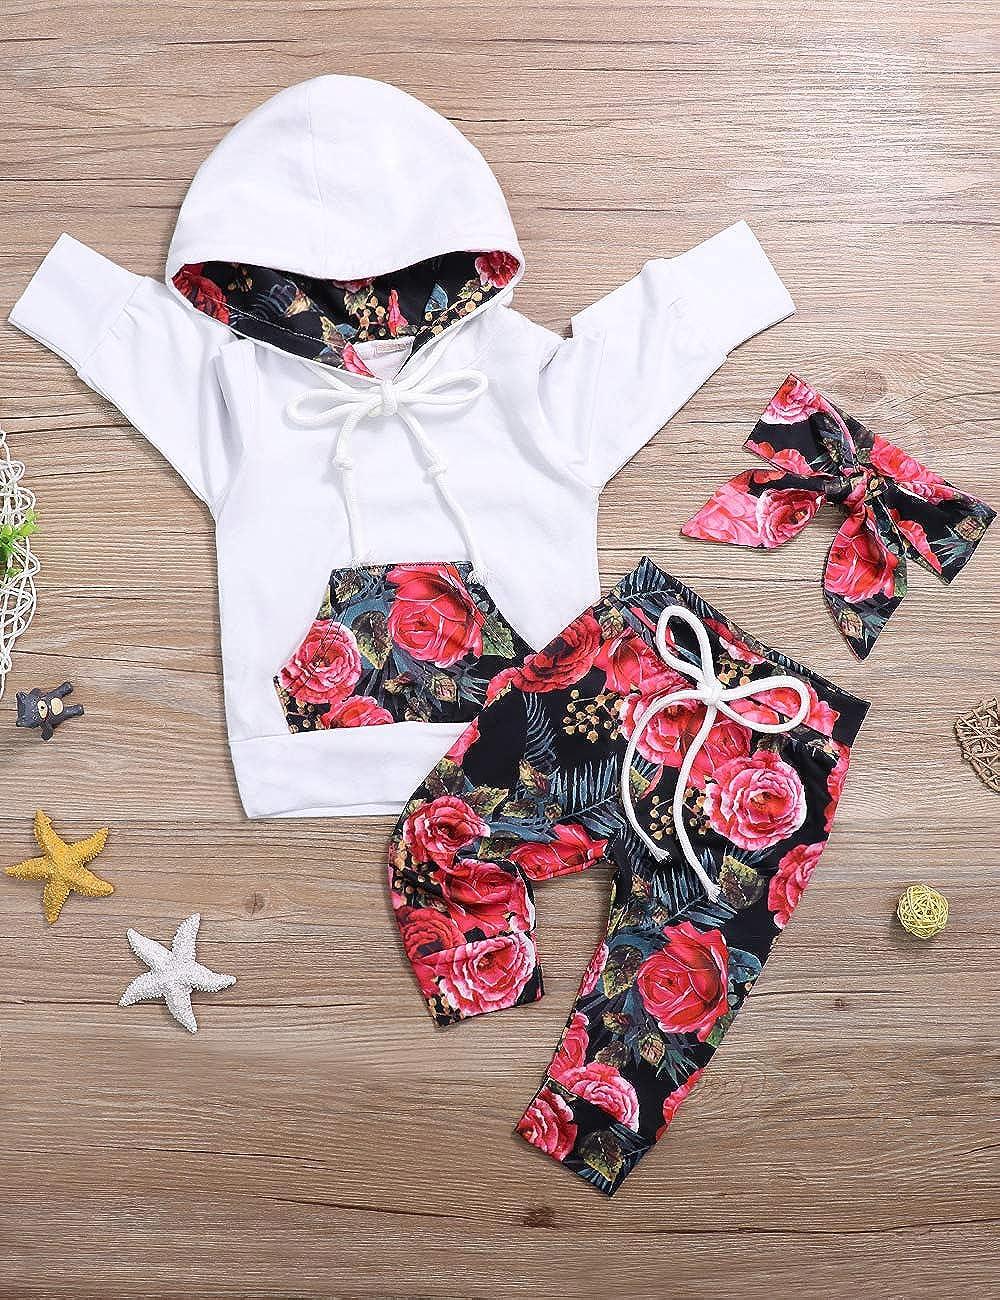 Ttkgyoe Sweat-Shirt /à Manches Longues /à Capuche Floral pour b/éb/é Fille avec Un Pantalon /à Poche Kangourou